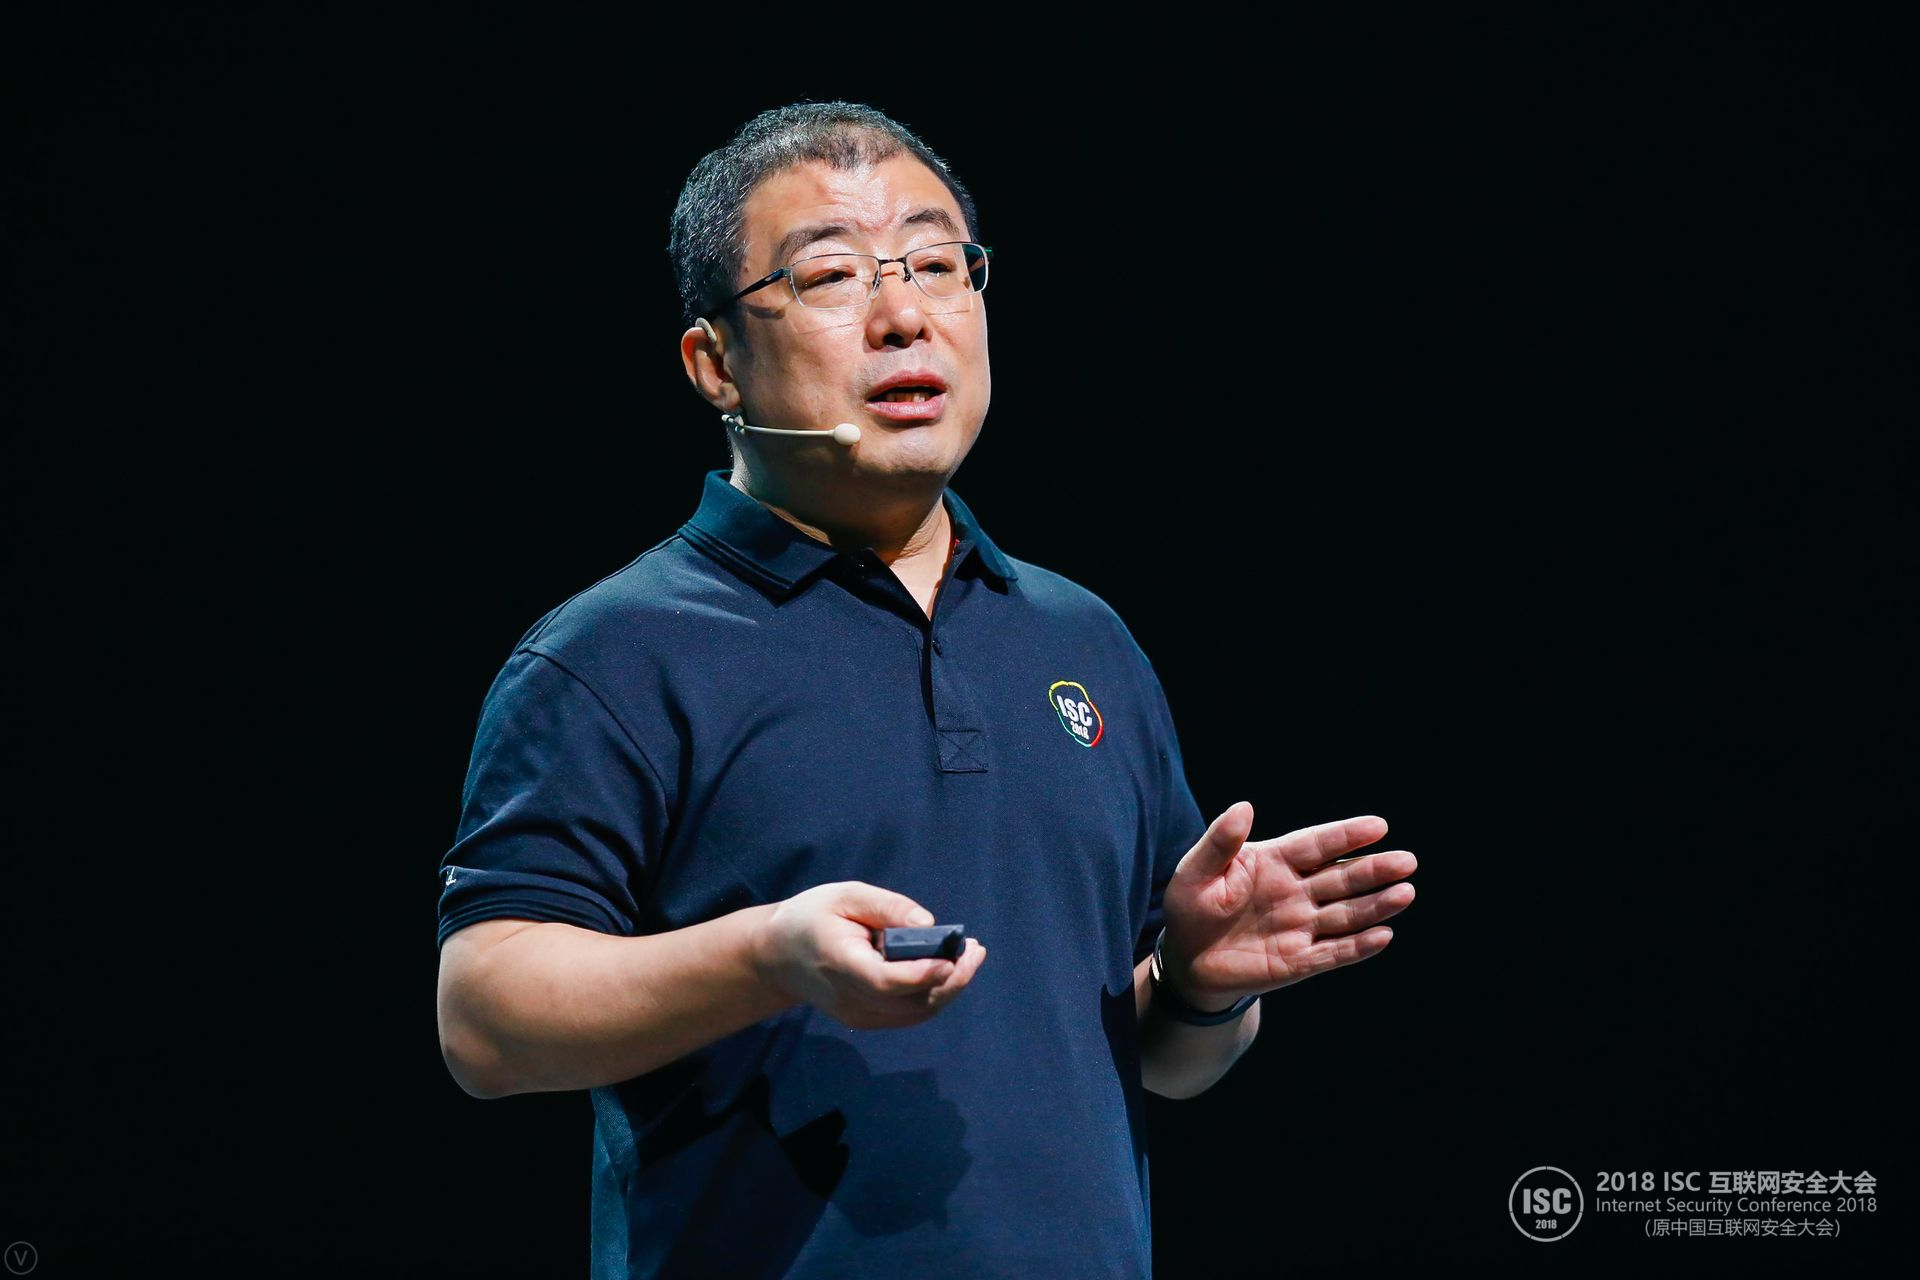 齐向东:网络安全行业一定会诞生巨头公司